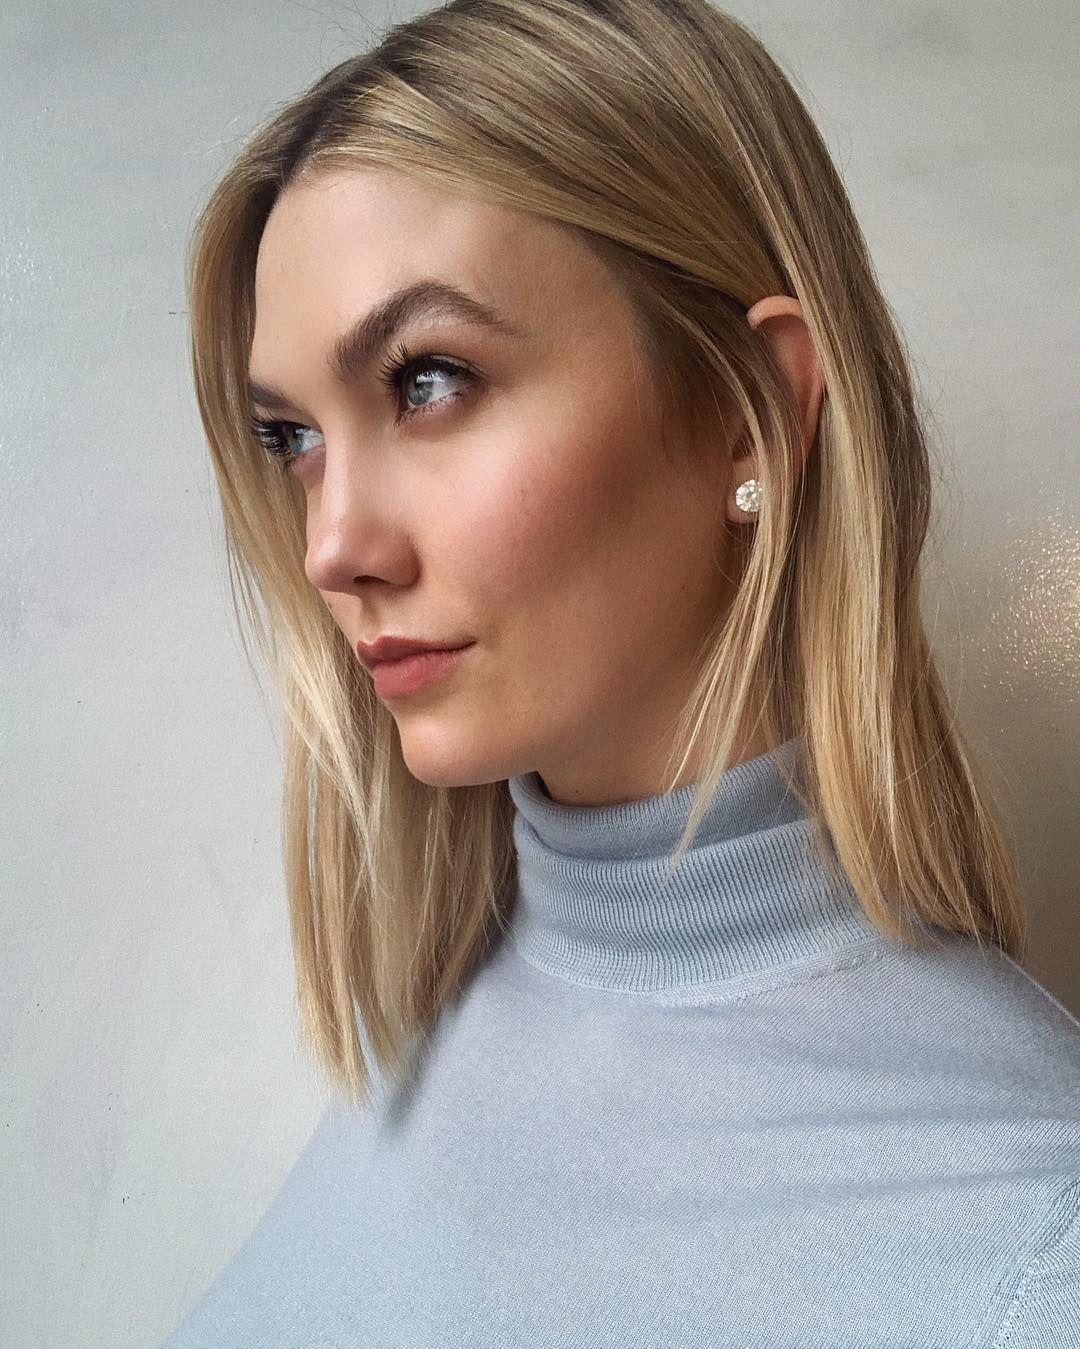 Karlie Kloss On Instagram You Ve Been Chopped Karlie Kloss